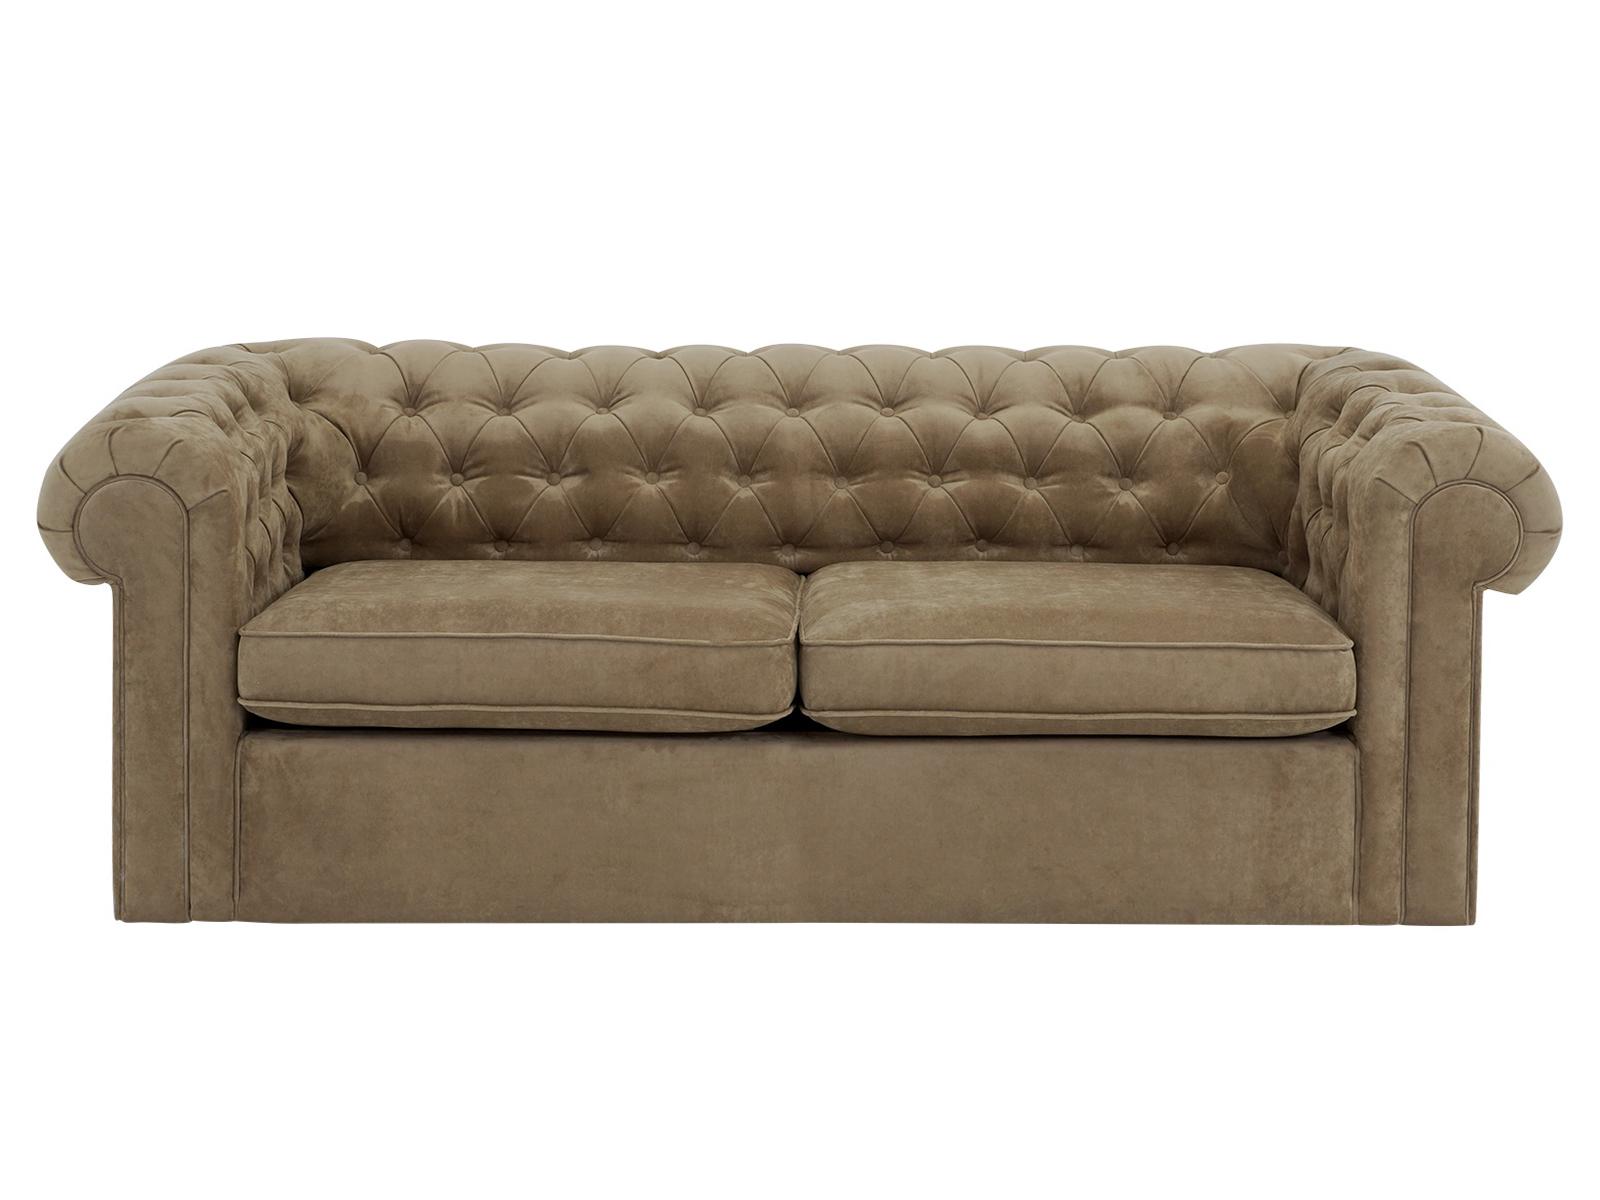 Диван ChesterДвухместные диваны<br>Классический двухместный диван. Благодаря наклону мягкой спинки диван Честер считается диваном повышенной комфортности.&amp;lt;div&amp;gt;&amp;lt;br&amp;gt;&amp;lt;/div&amp;gt;&amp;lt;div&amp;gt;&amp;lt;div&amp;gt;Материалы:&amp;lt;/div&amp;gt;&amp;lt;div&amp;gt;Каркас: деревянный брус, фанера, МДФ.&amp;lt;/div&amp;gt;&amp;lt;div&amp;gt;Подушки спинок: пенополиуретан, синтепон.&amp;lt;/div&amp;gt;&amp;lt;div&amp;gt;Подушки сидений: пенополиуретан, синтепонн.&amp;lt;/div&amp;gt;&amp;lt;div&amp;gt;Обивка: 100% полиэстер.&amp;lt;/div&amp;gt;&amp;lt;/div&amp;gt;<br><br>Material: Текстиль<br>Ширина см: 208<br>Высота см: 73<br>Глубина см: 105